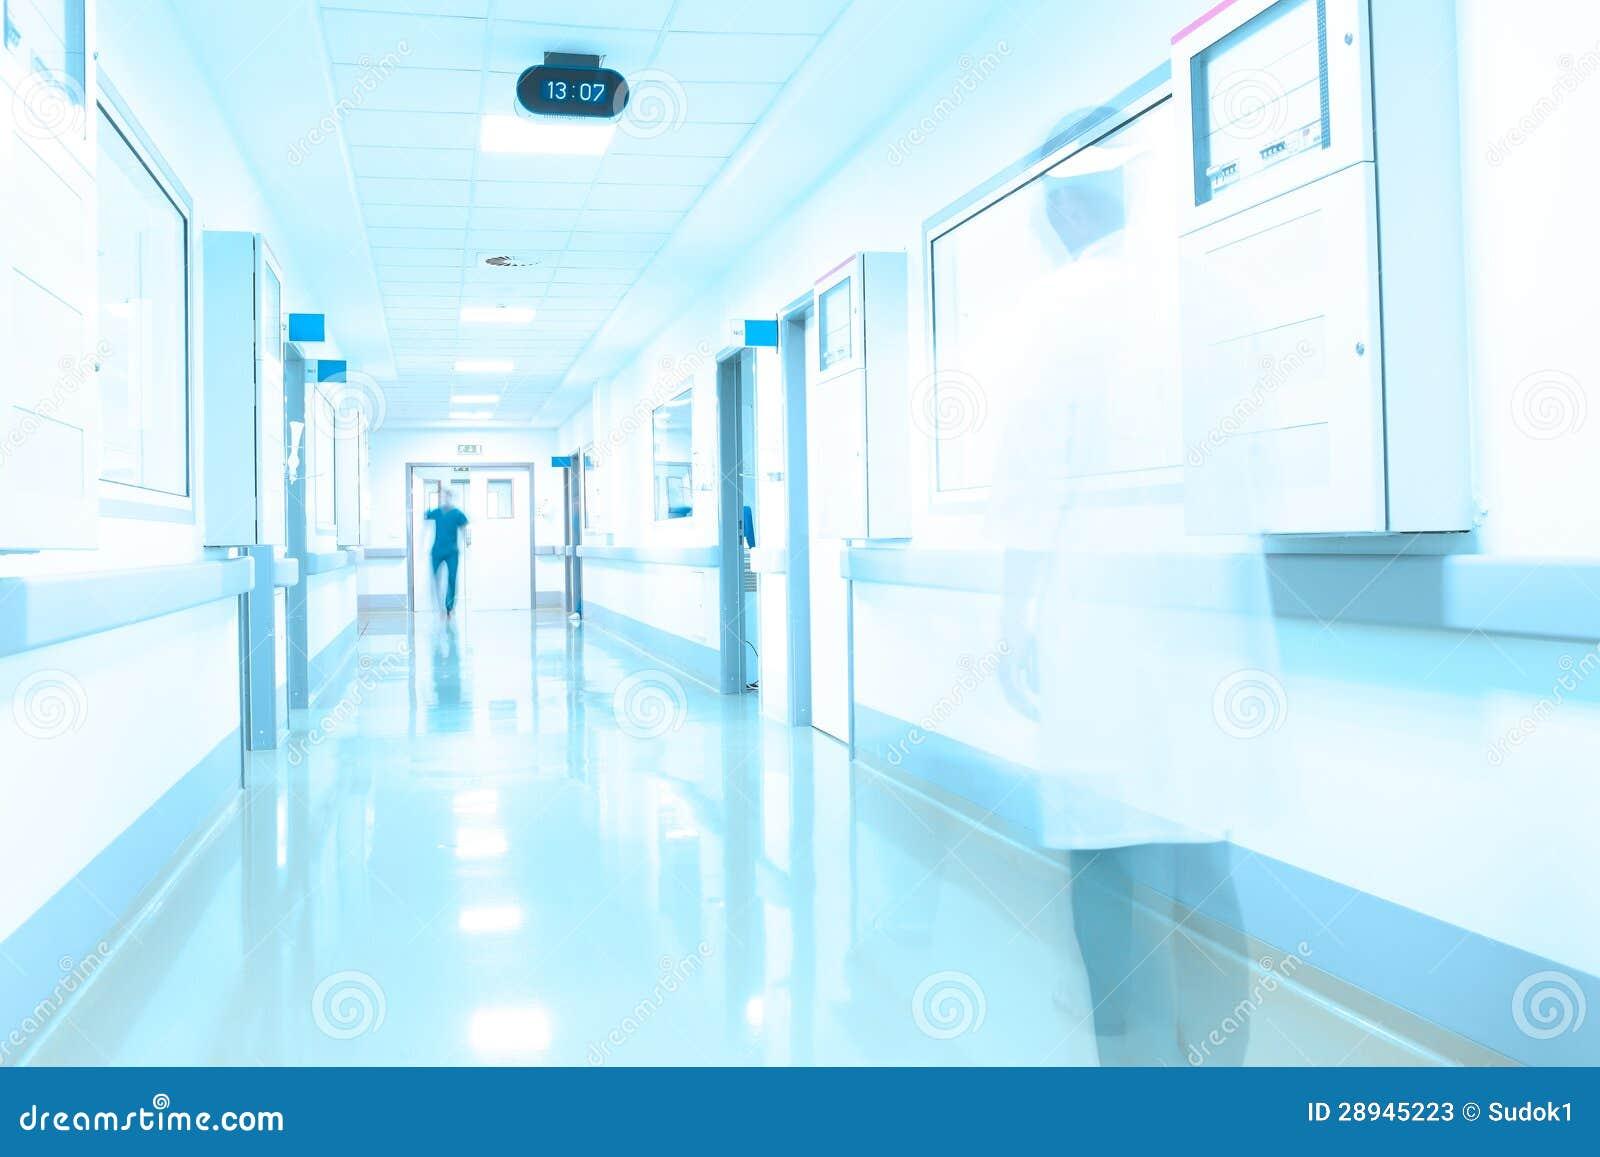 Couloir moderne dhôpital. Mouvement du personnel médical.